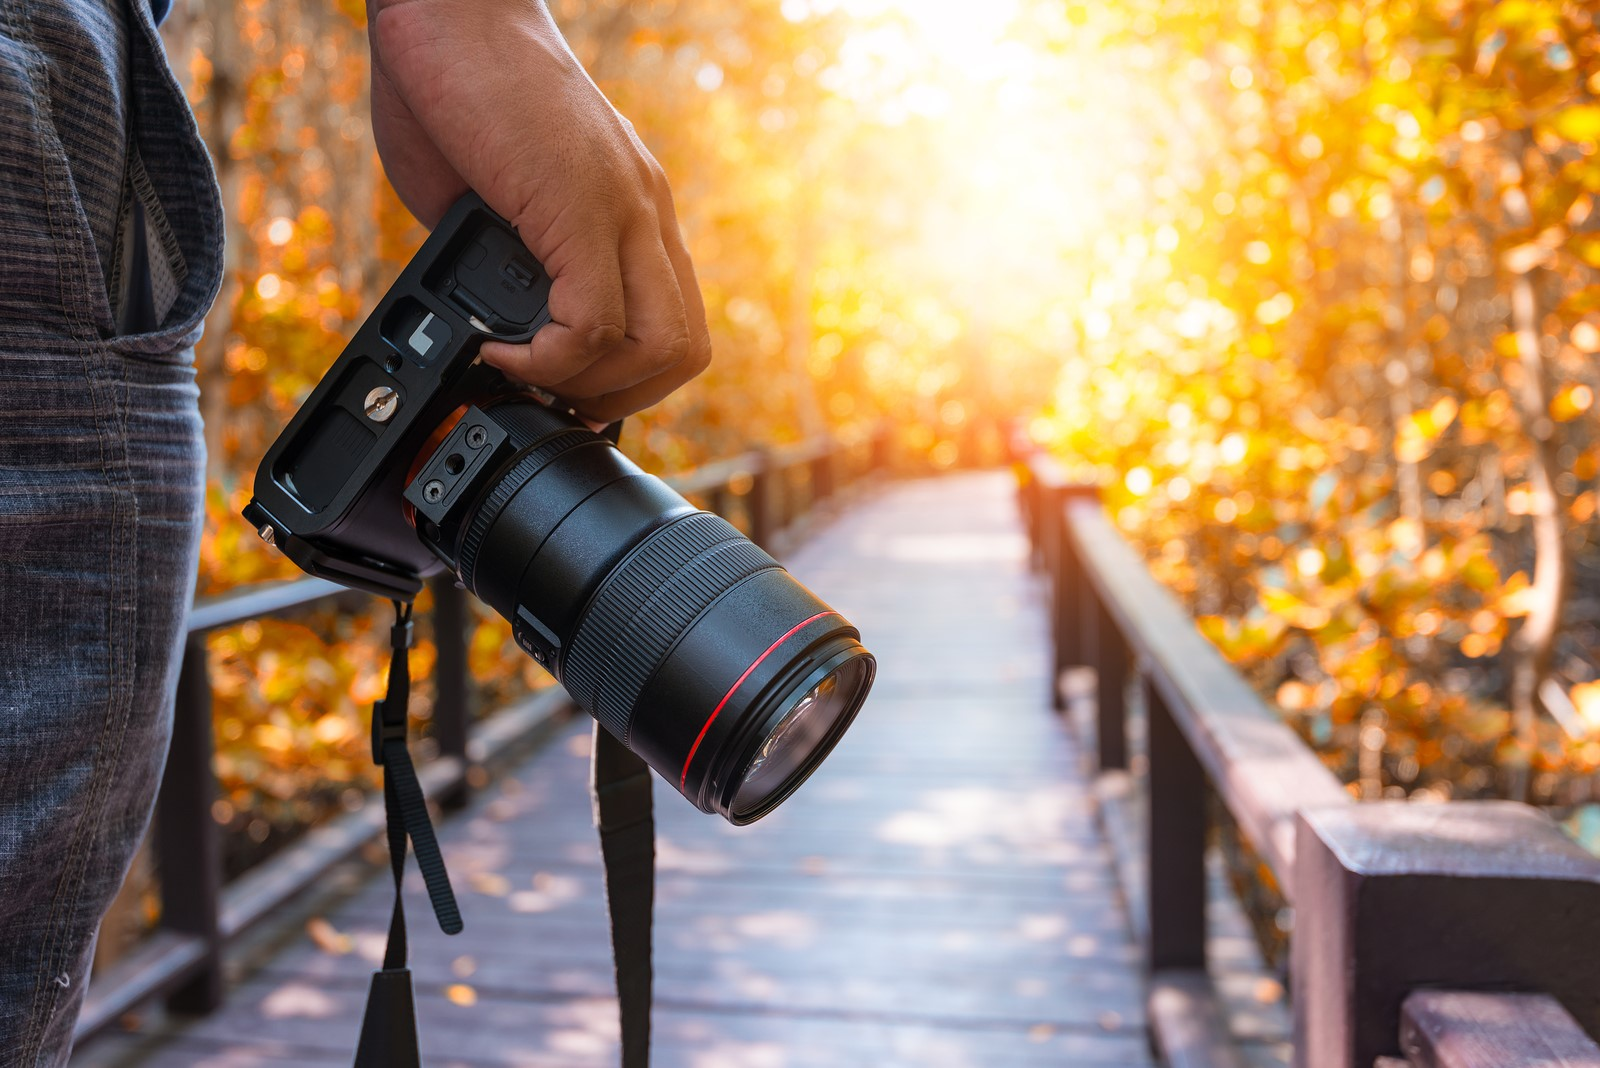 دسته بندی دوربین های عکاسی: براساس سایز دوربین ها و نوع لنز آنها